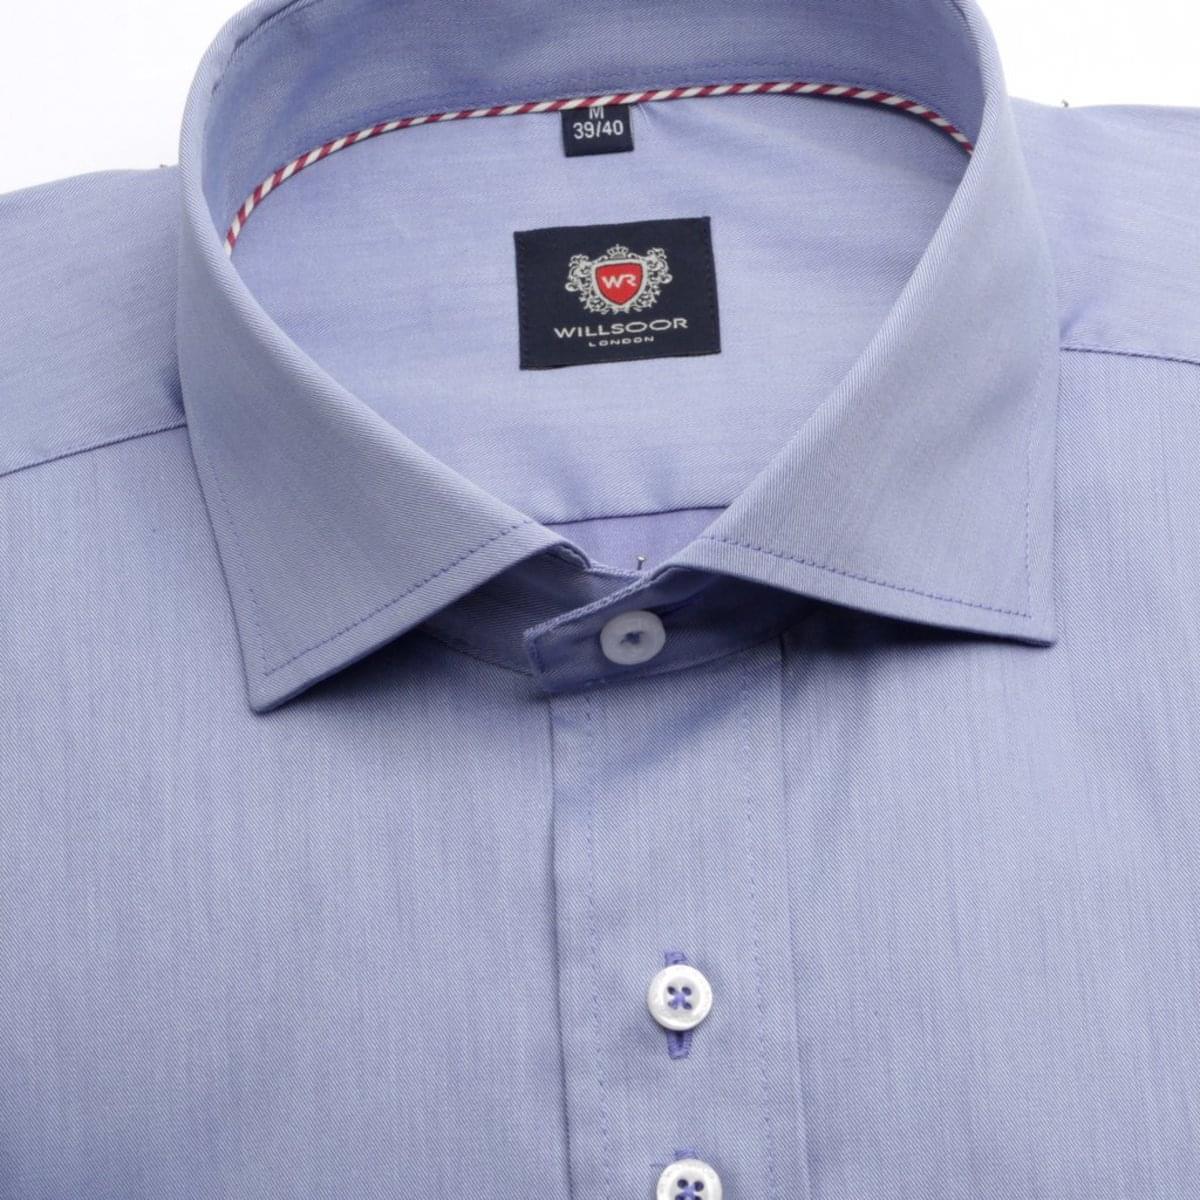 Košile WR London (výška 176-182) 4369 176-182 / XL (43/44)